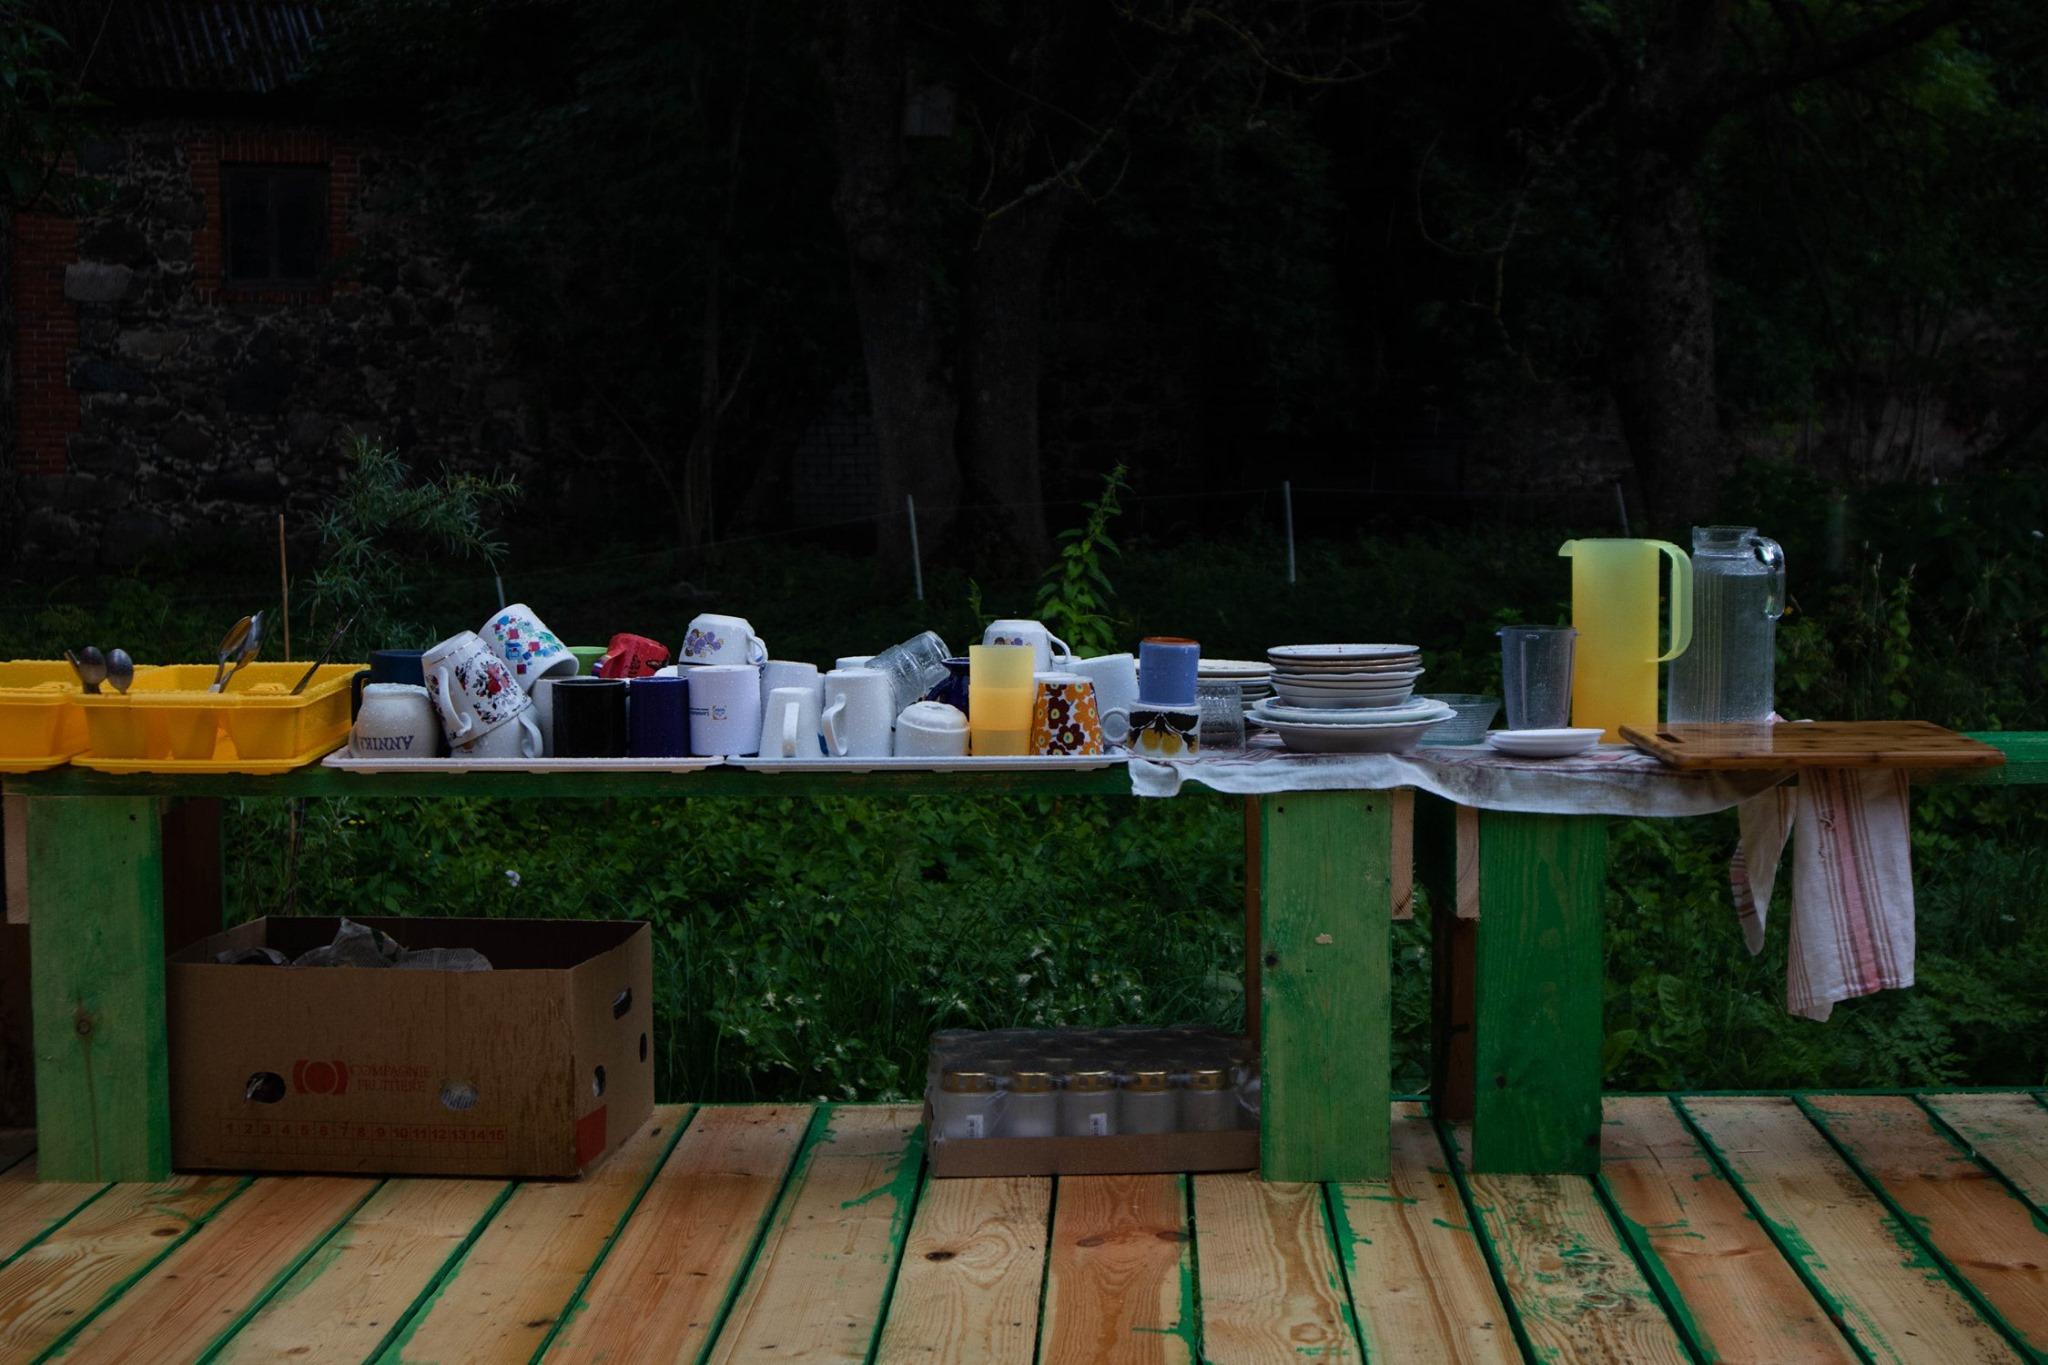 Festivali sööginõud. Foto: Linda Maria Saar